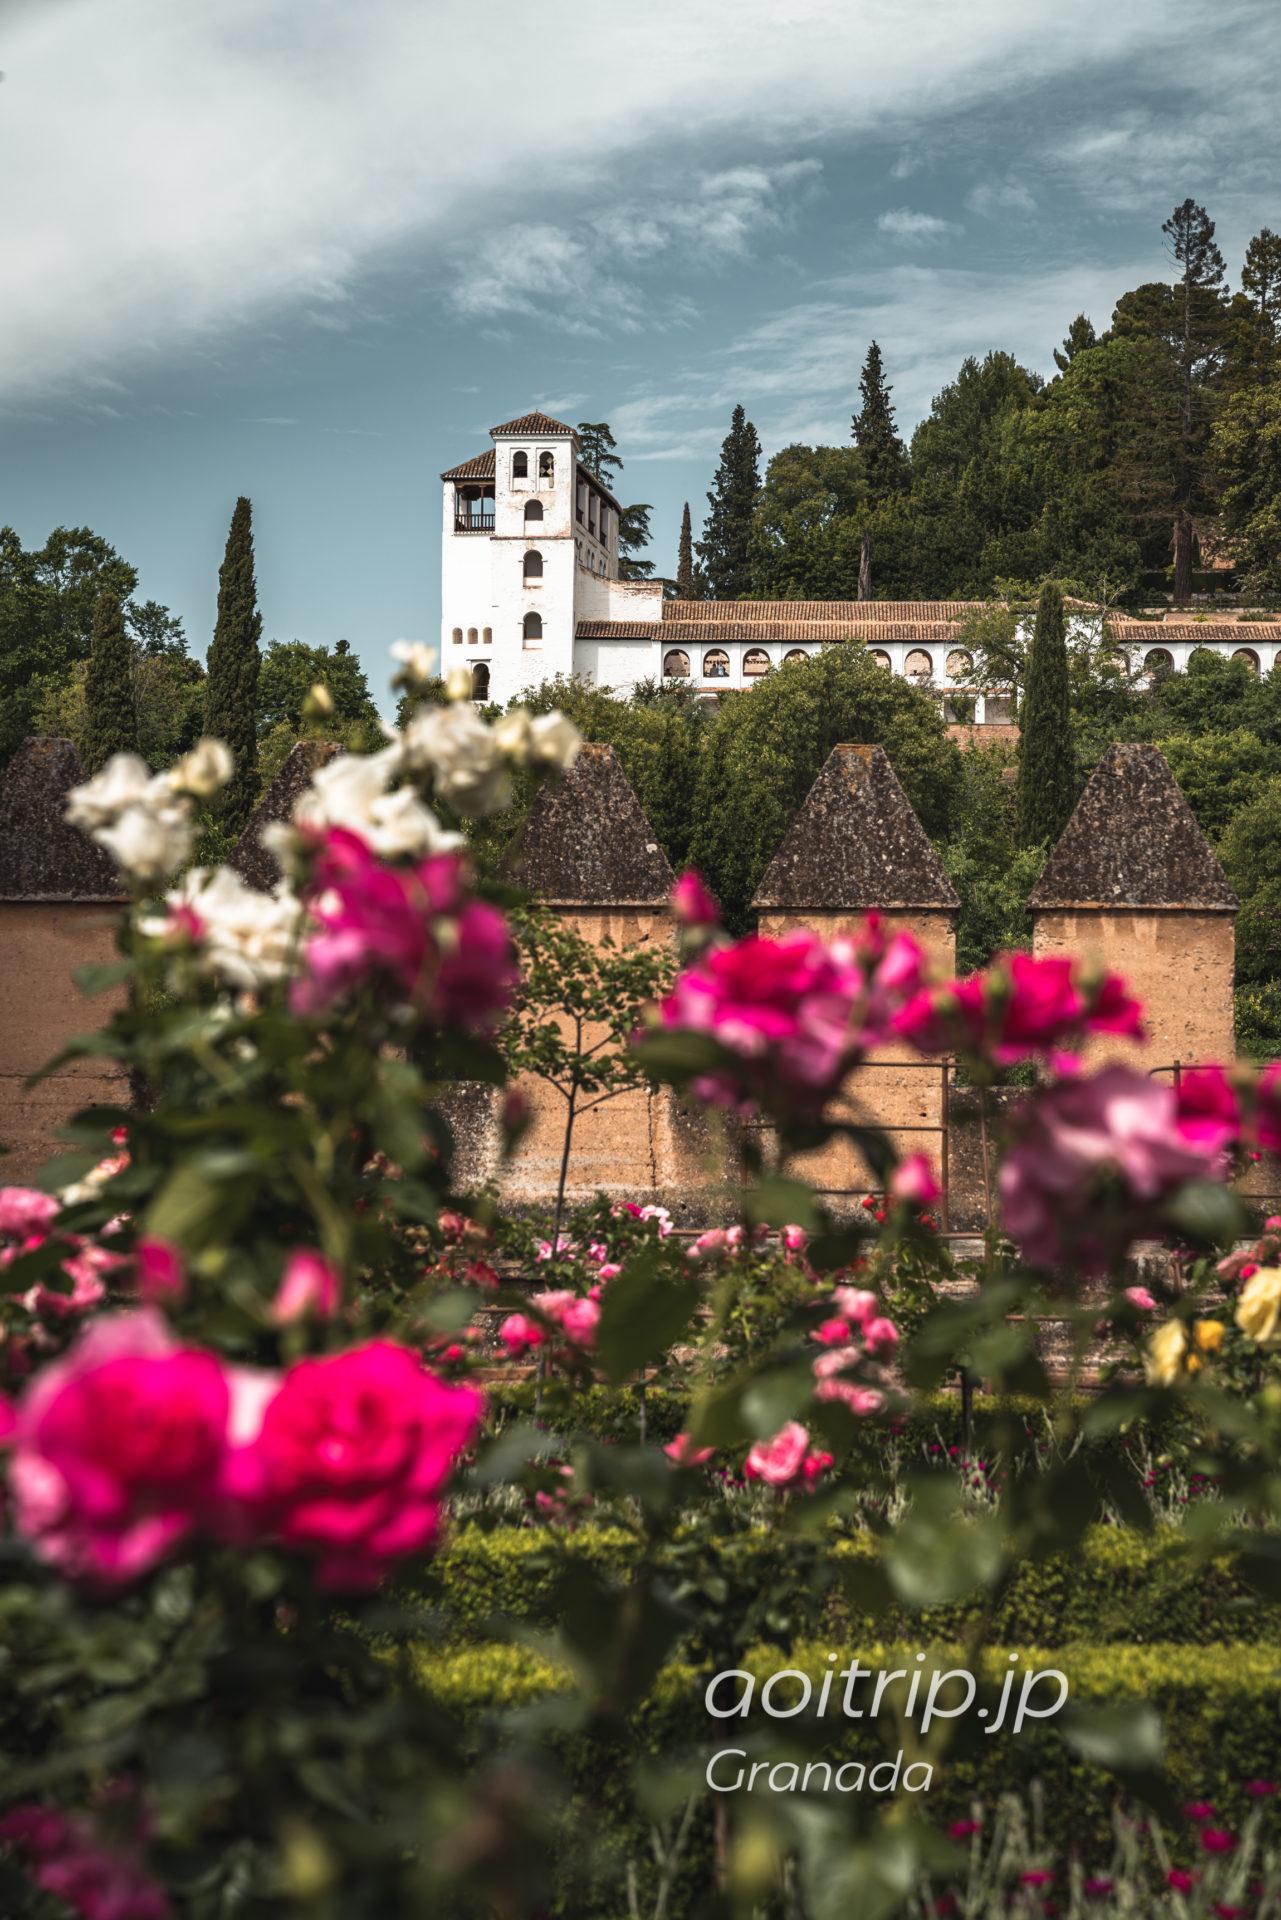 アルハンブラ宮殿のパルタル庭園